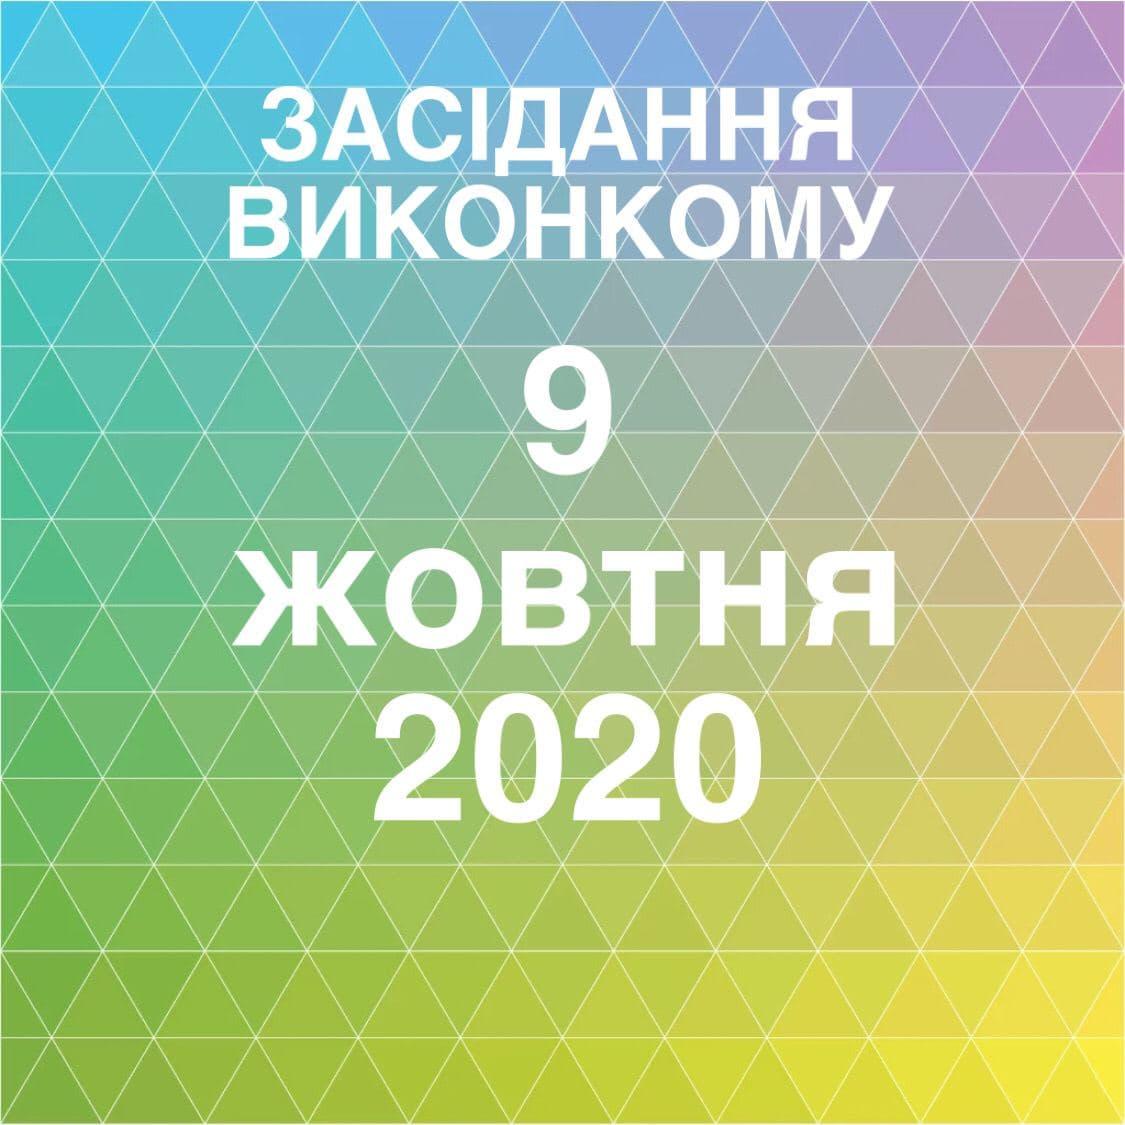 Засідання виконавчого комітету Великолюбінської селищної ради Городоцького району від 9 жовтня 2020 р